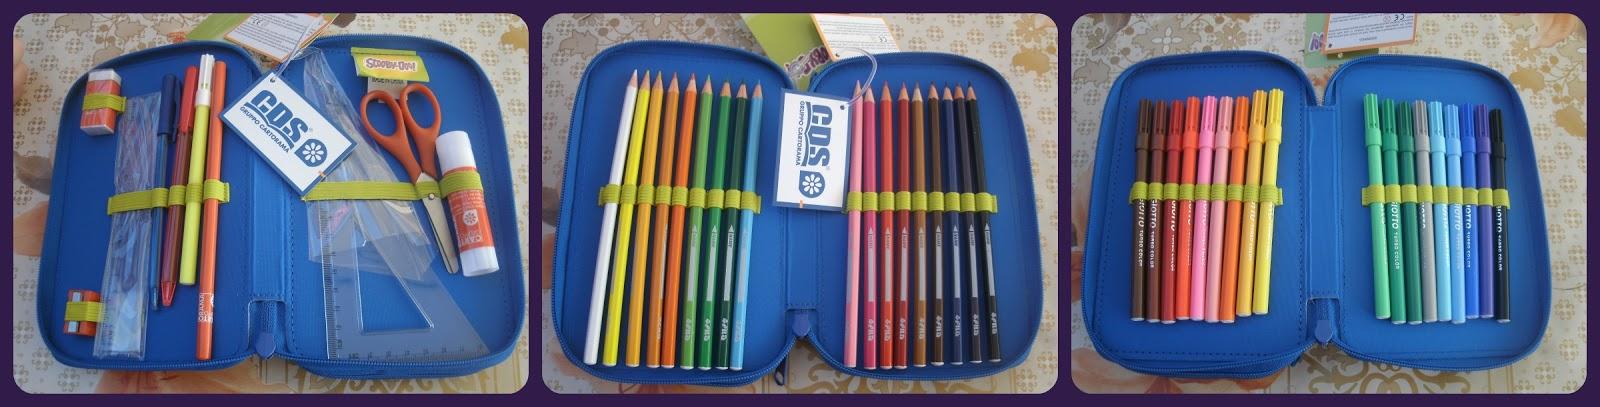 2ccd73e0f2 L'astuccio è completo di 18 pastelli FILA, 18 pennarelli Giotto, gomma/  righello Cartorama e poi anche temperino, matita, squadra,forbici, penna a  sfera ...